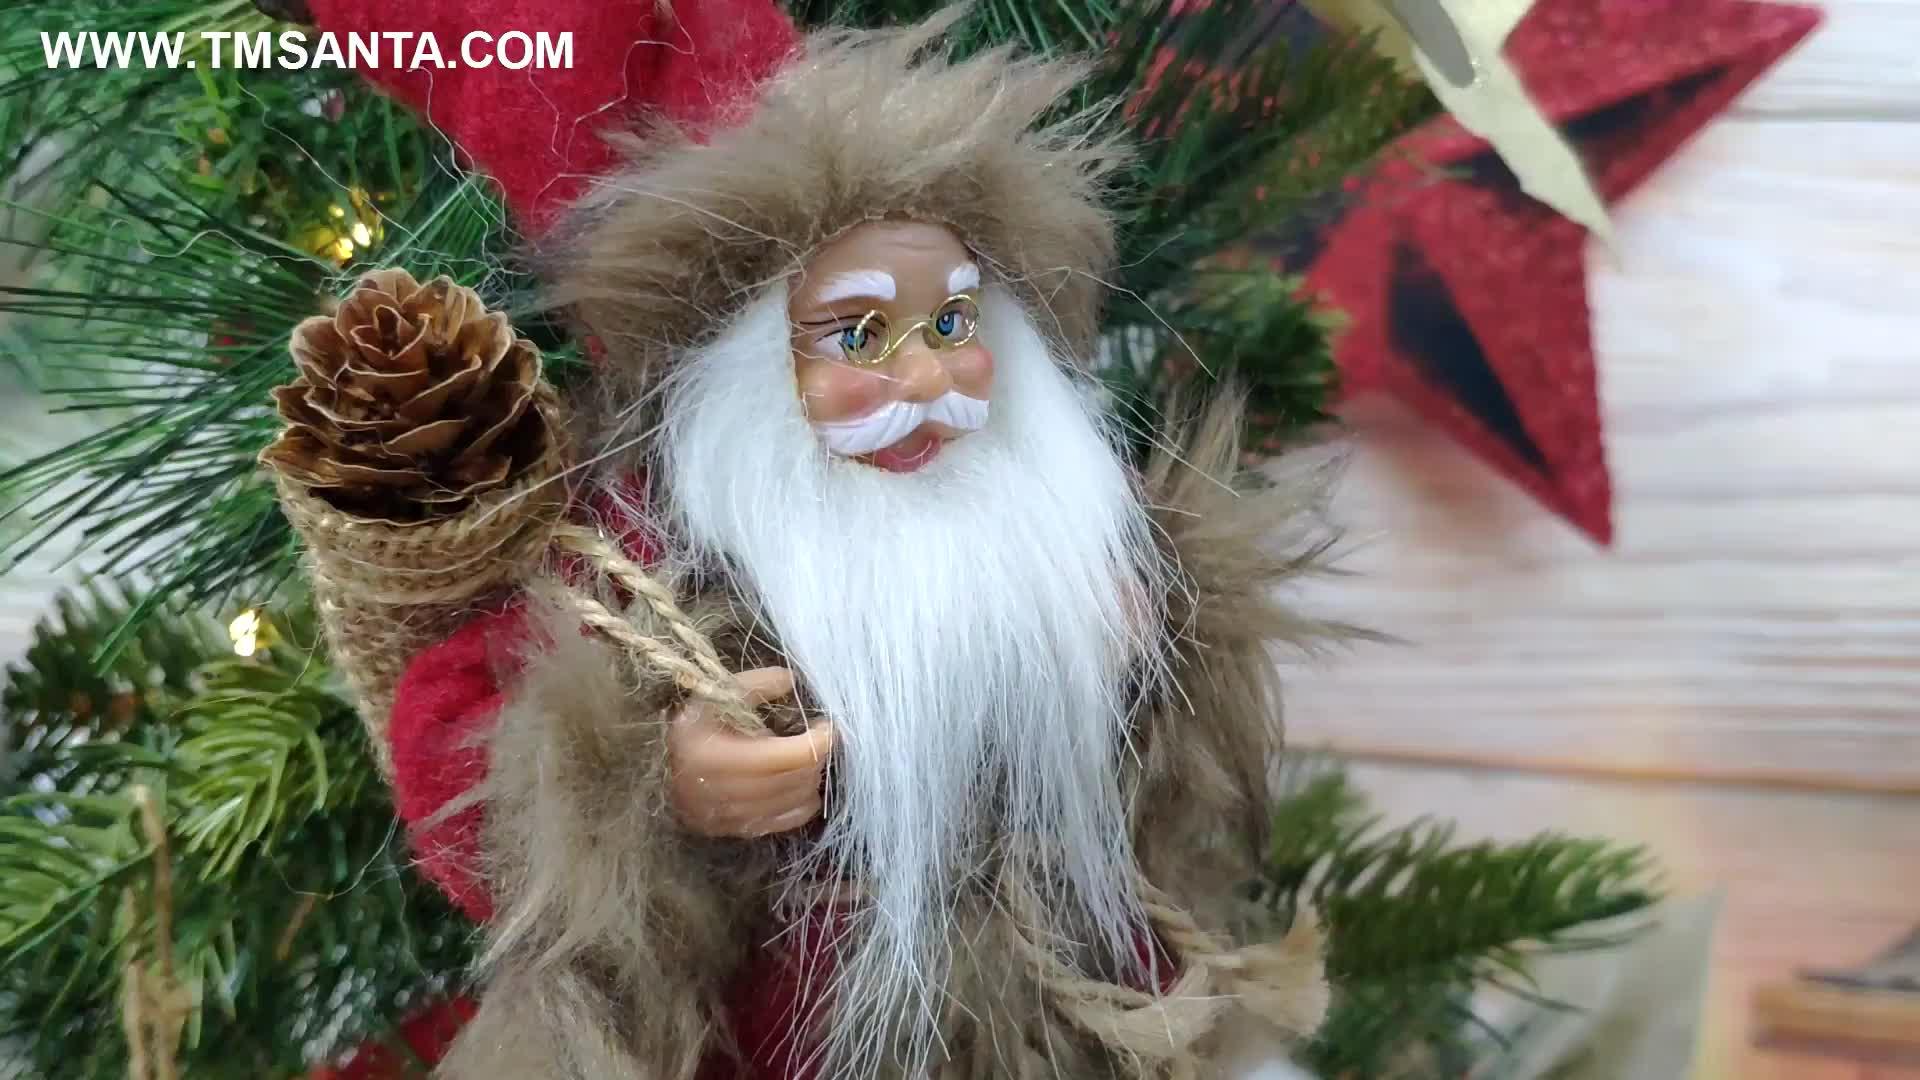 8 인치 크리스마스 산타 클로스 장식품 트리 인형 인형 펜던트 작은 전통 들고